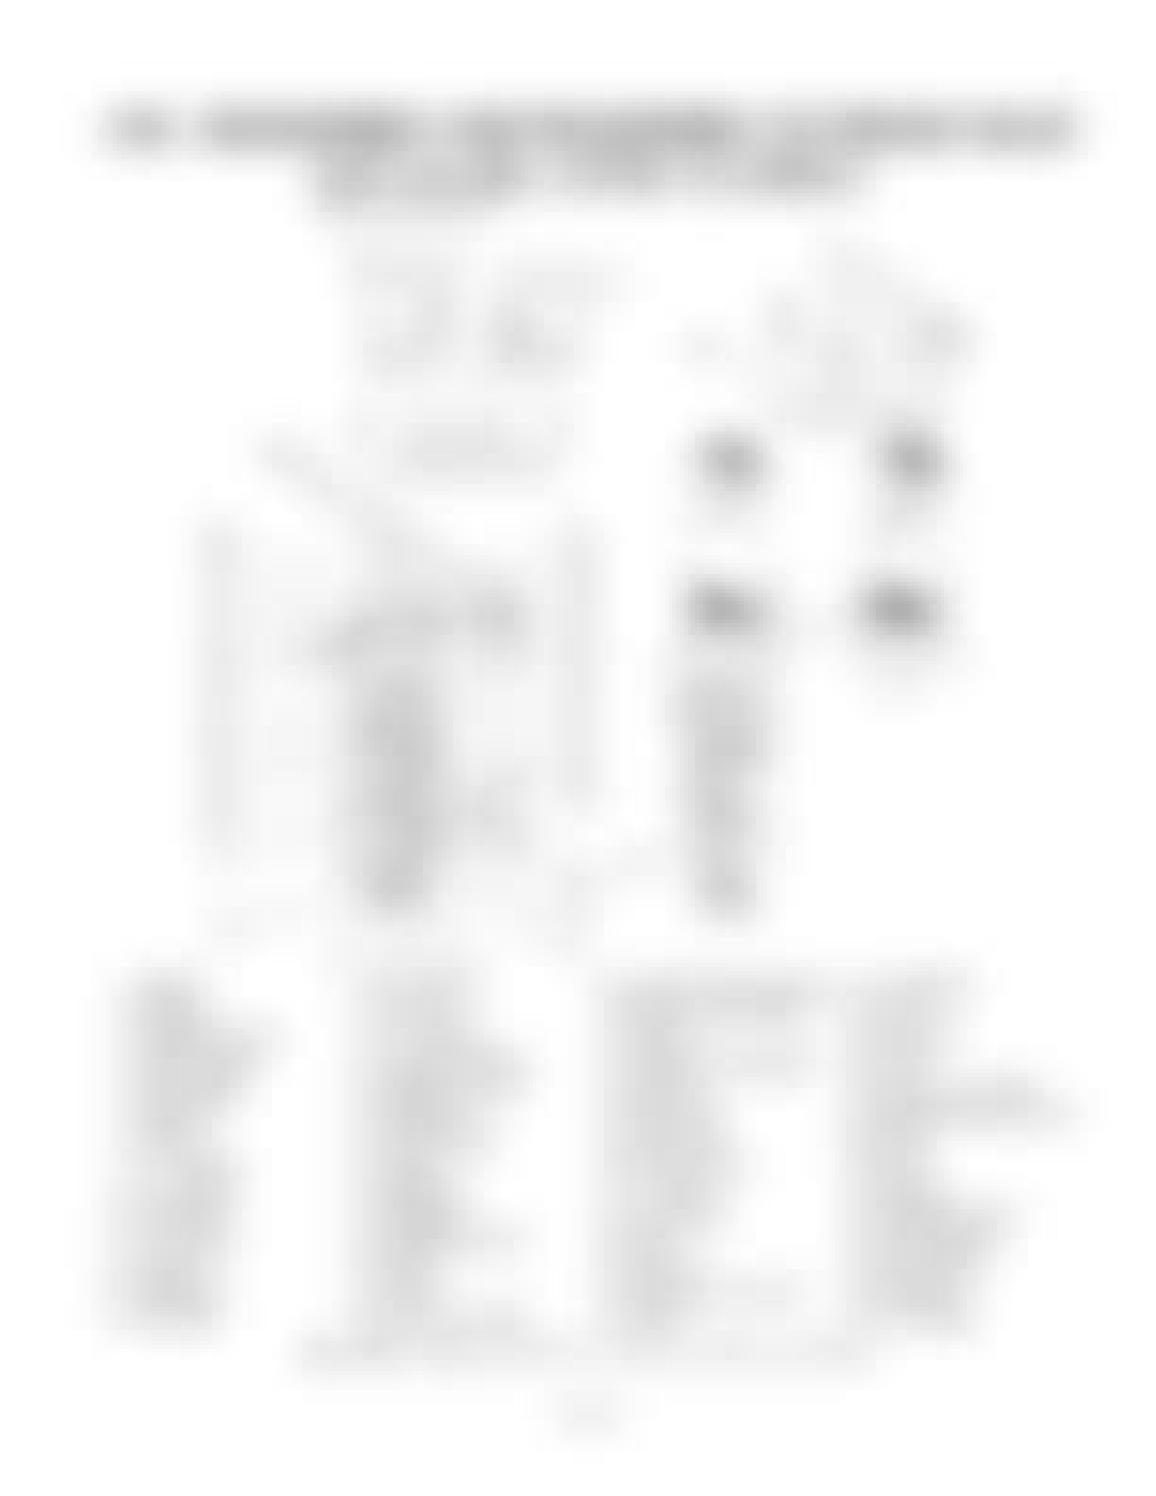 Hitachi LX110-7 LX130-7 LX160-7 LX190-7 LX230-7 Wheel Loader Workshop Manual - PDF DOWNLOAD page 263